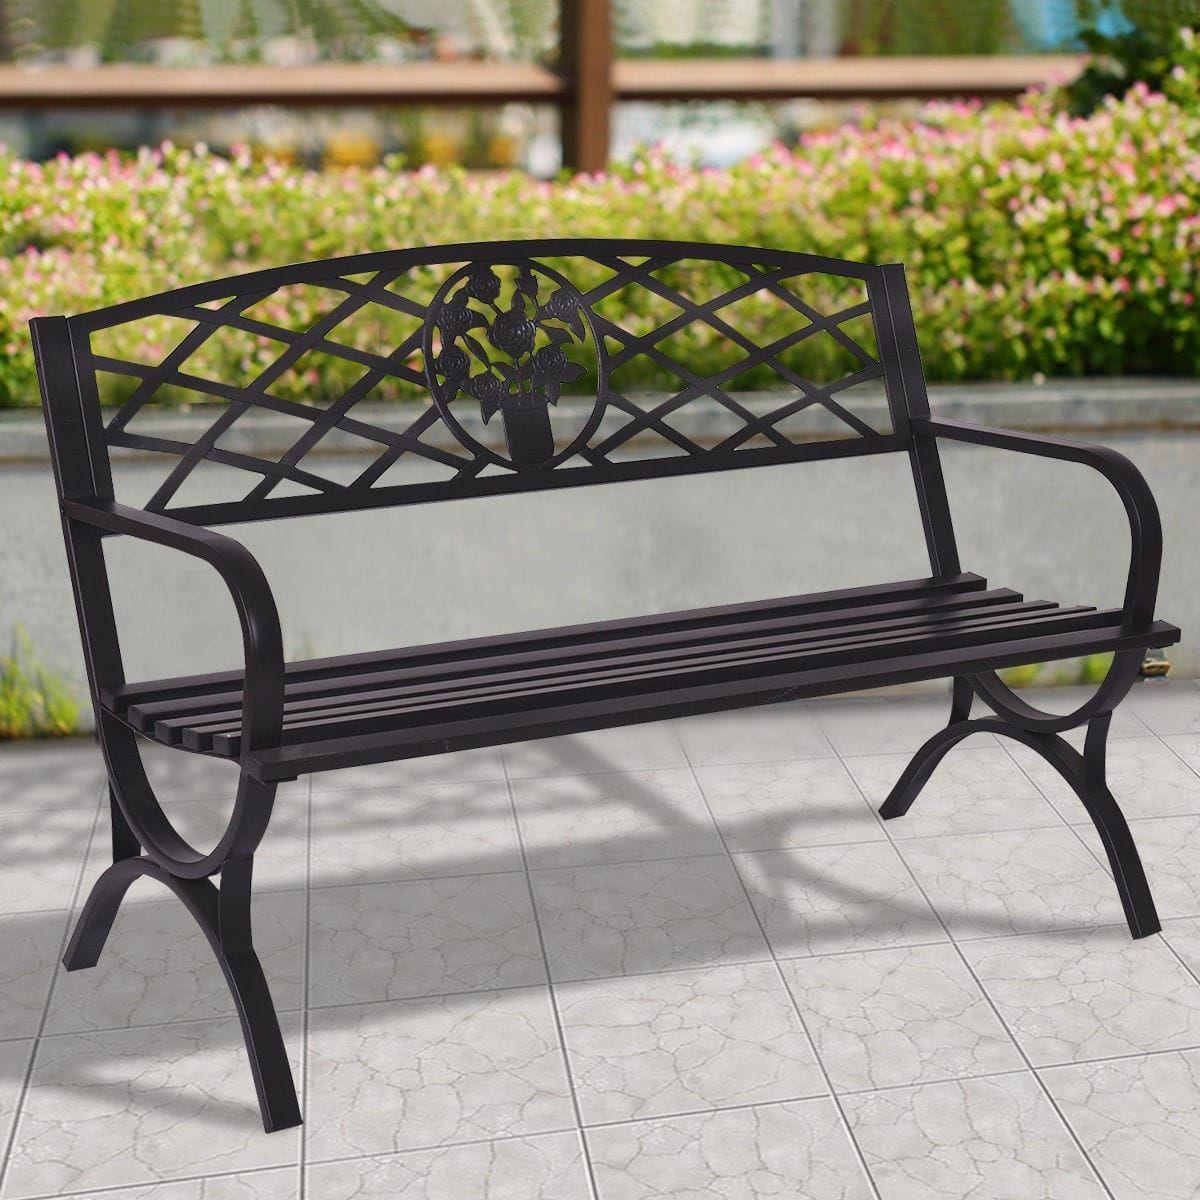 Costway 50 Patio Garden Bench Park Yard Outdoor Furniture Steel